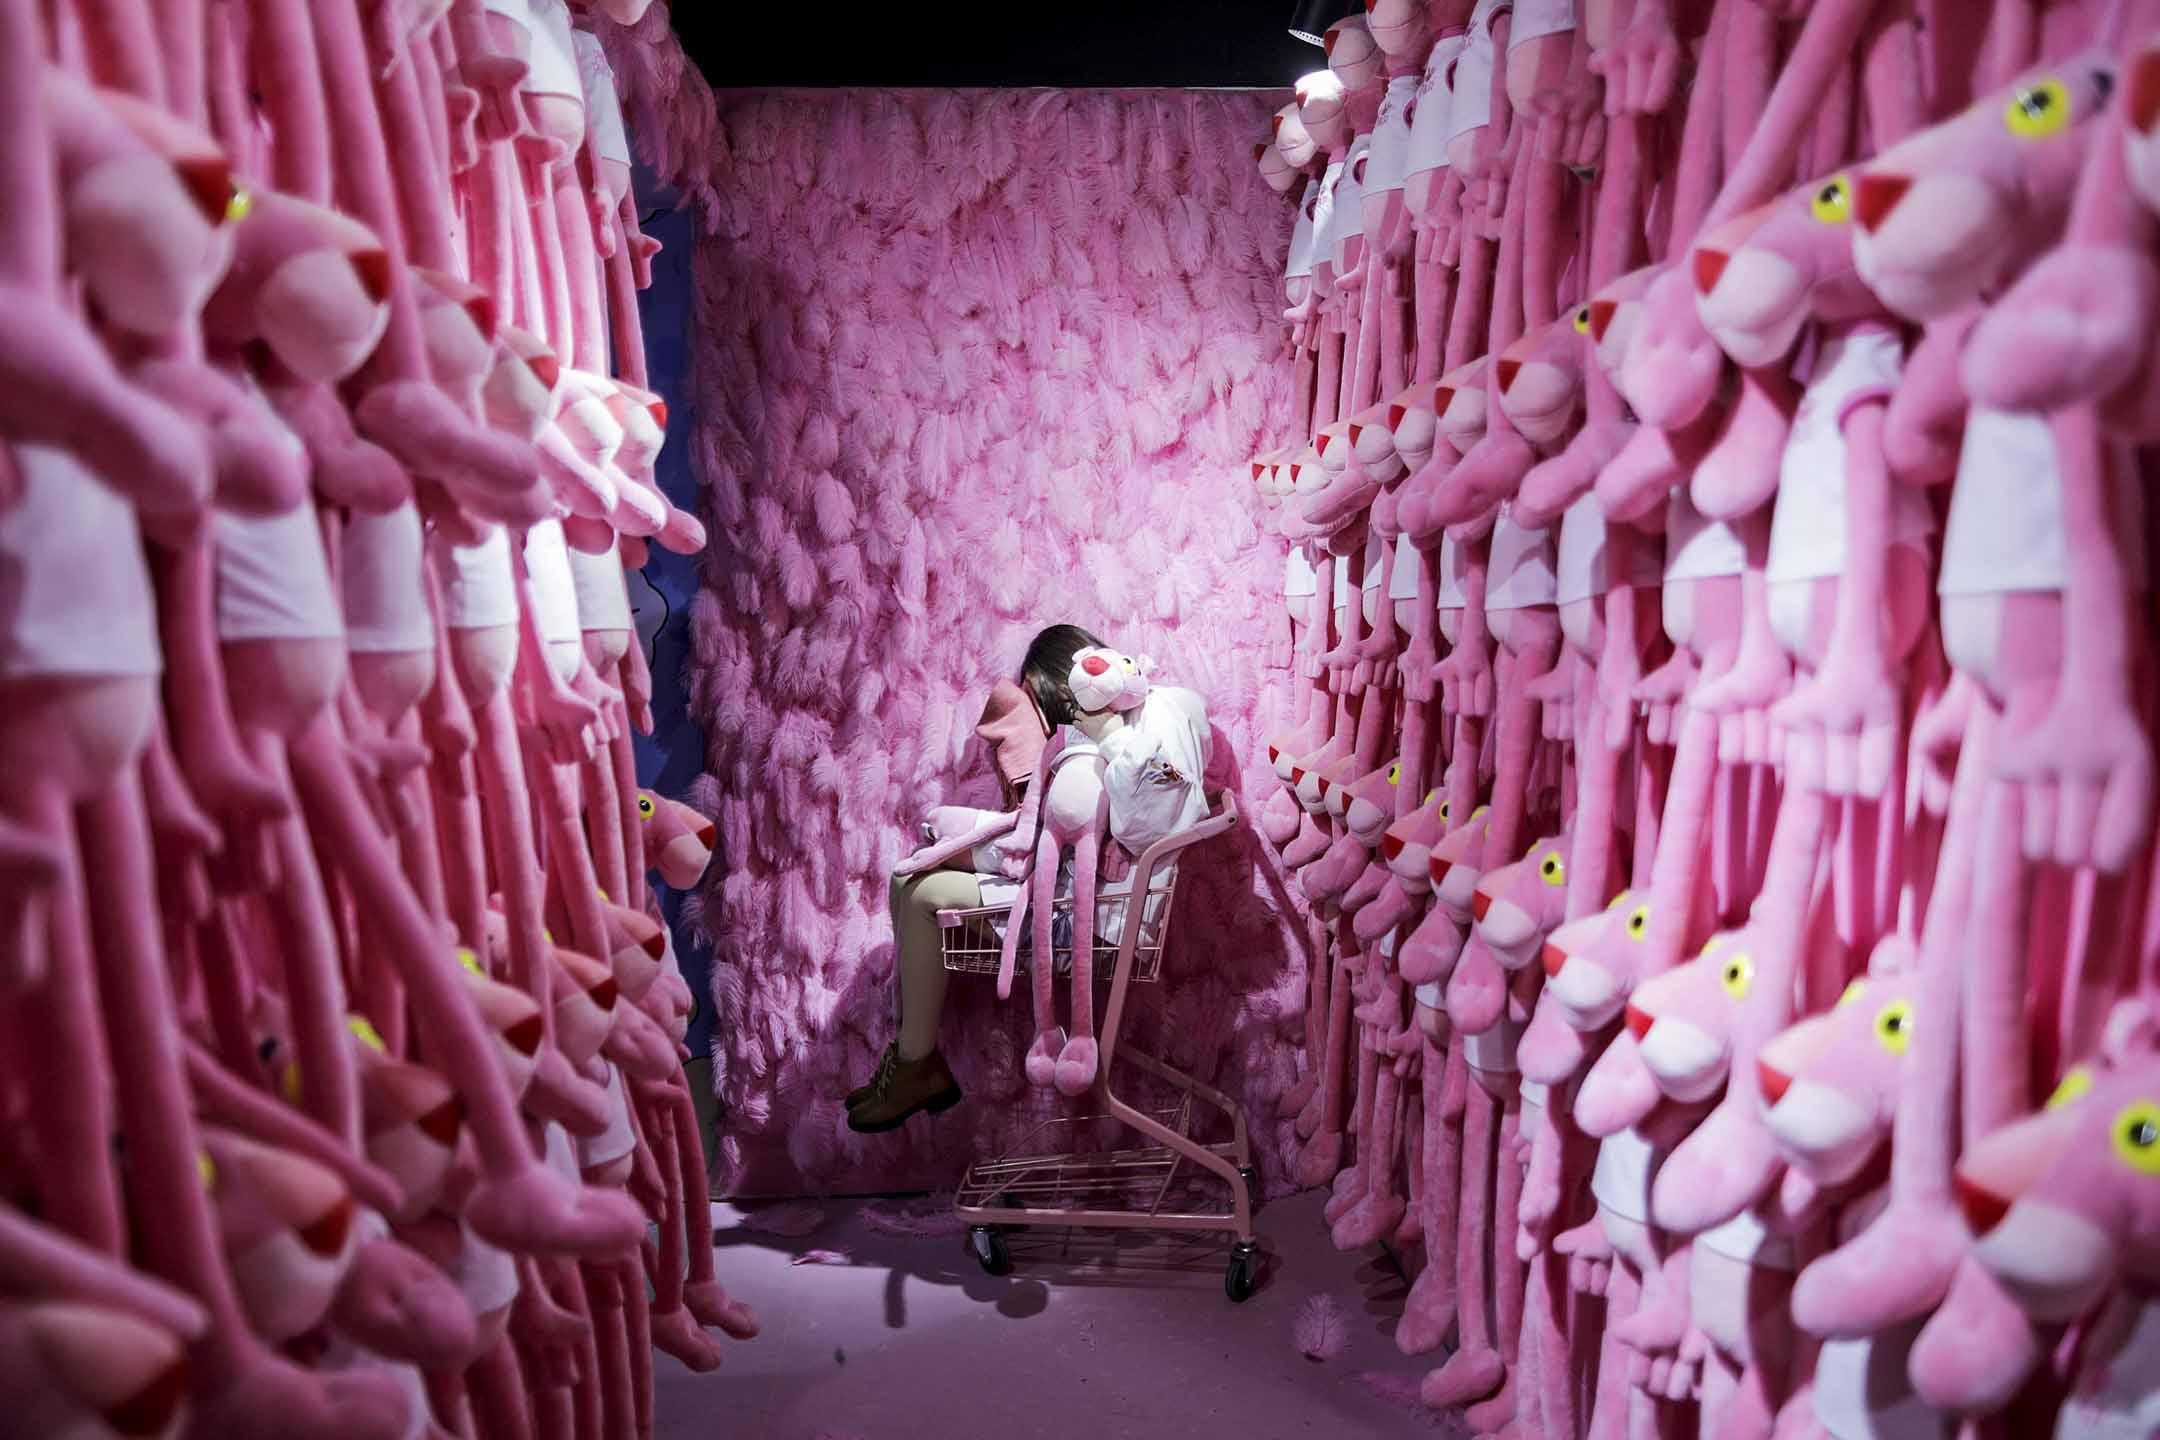 2019年11月18日,江蘇省蘇州市一家緩解壓力的博物館裡,一名女士坐在裝有粉紅豹玩具的購物車中。 攝:VCG/VCG via Getty Images